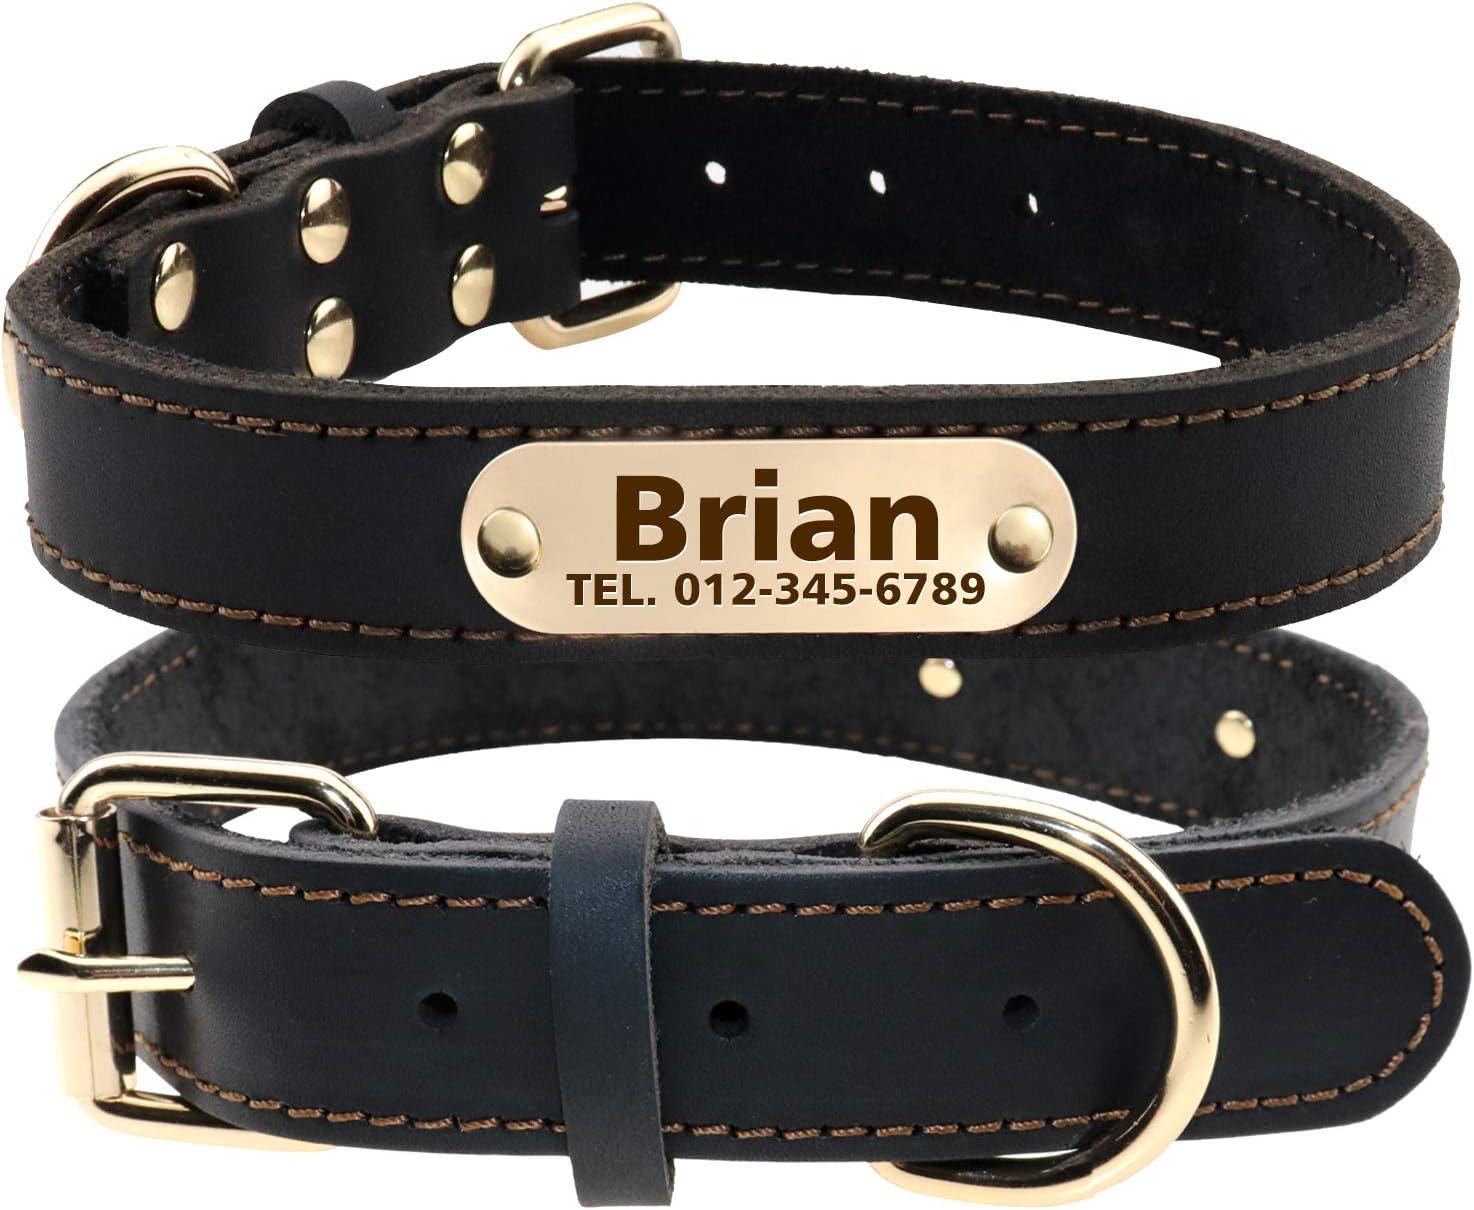 Customizable Leather Dog Collar